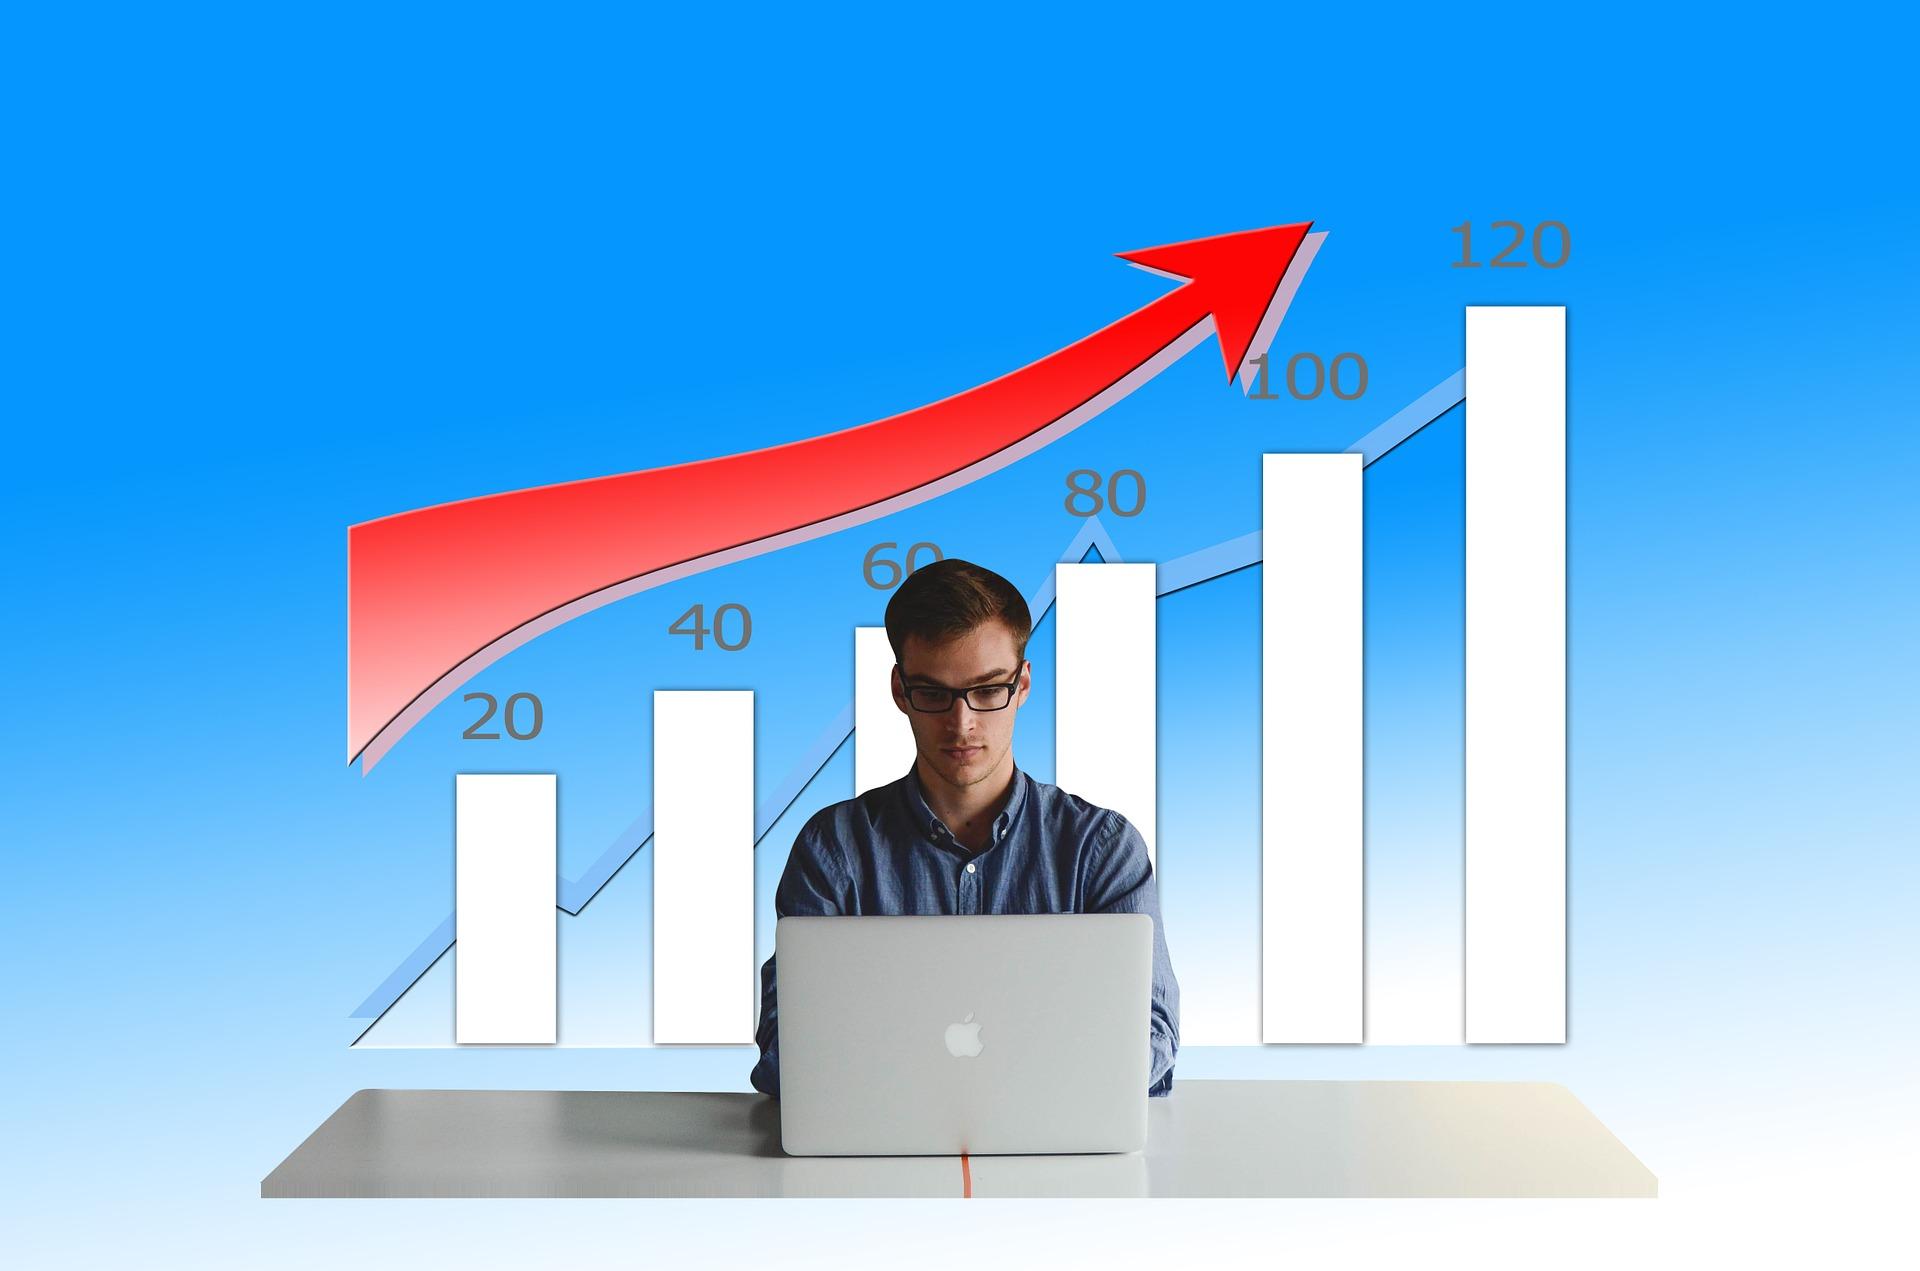 Loopimóveis.com: 10 vantagens para Construtoras/Incorporadoras anunciar em portal imobiliário